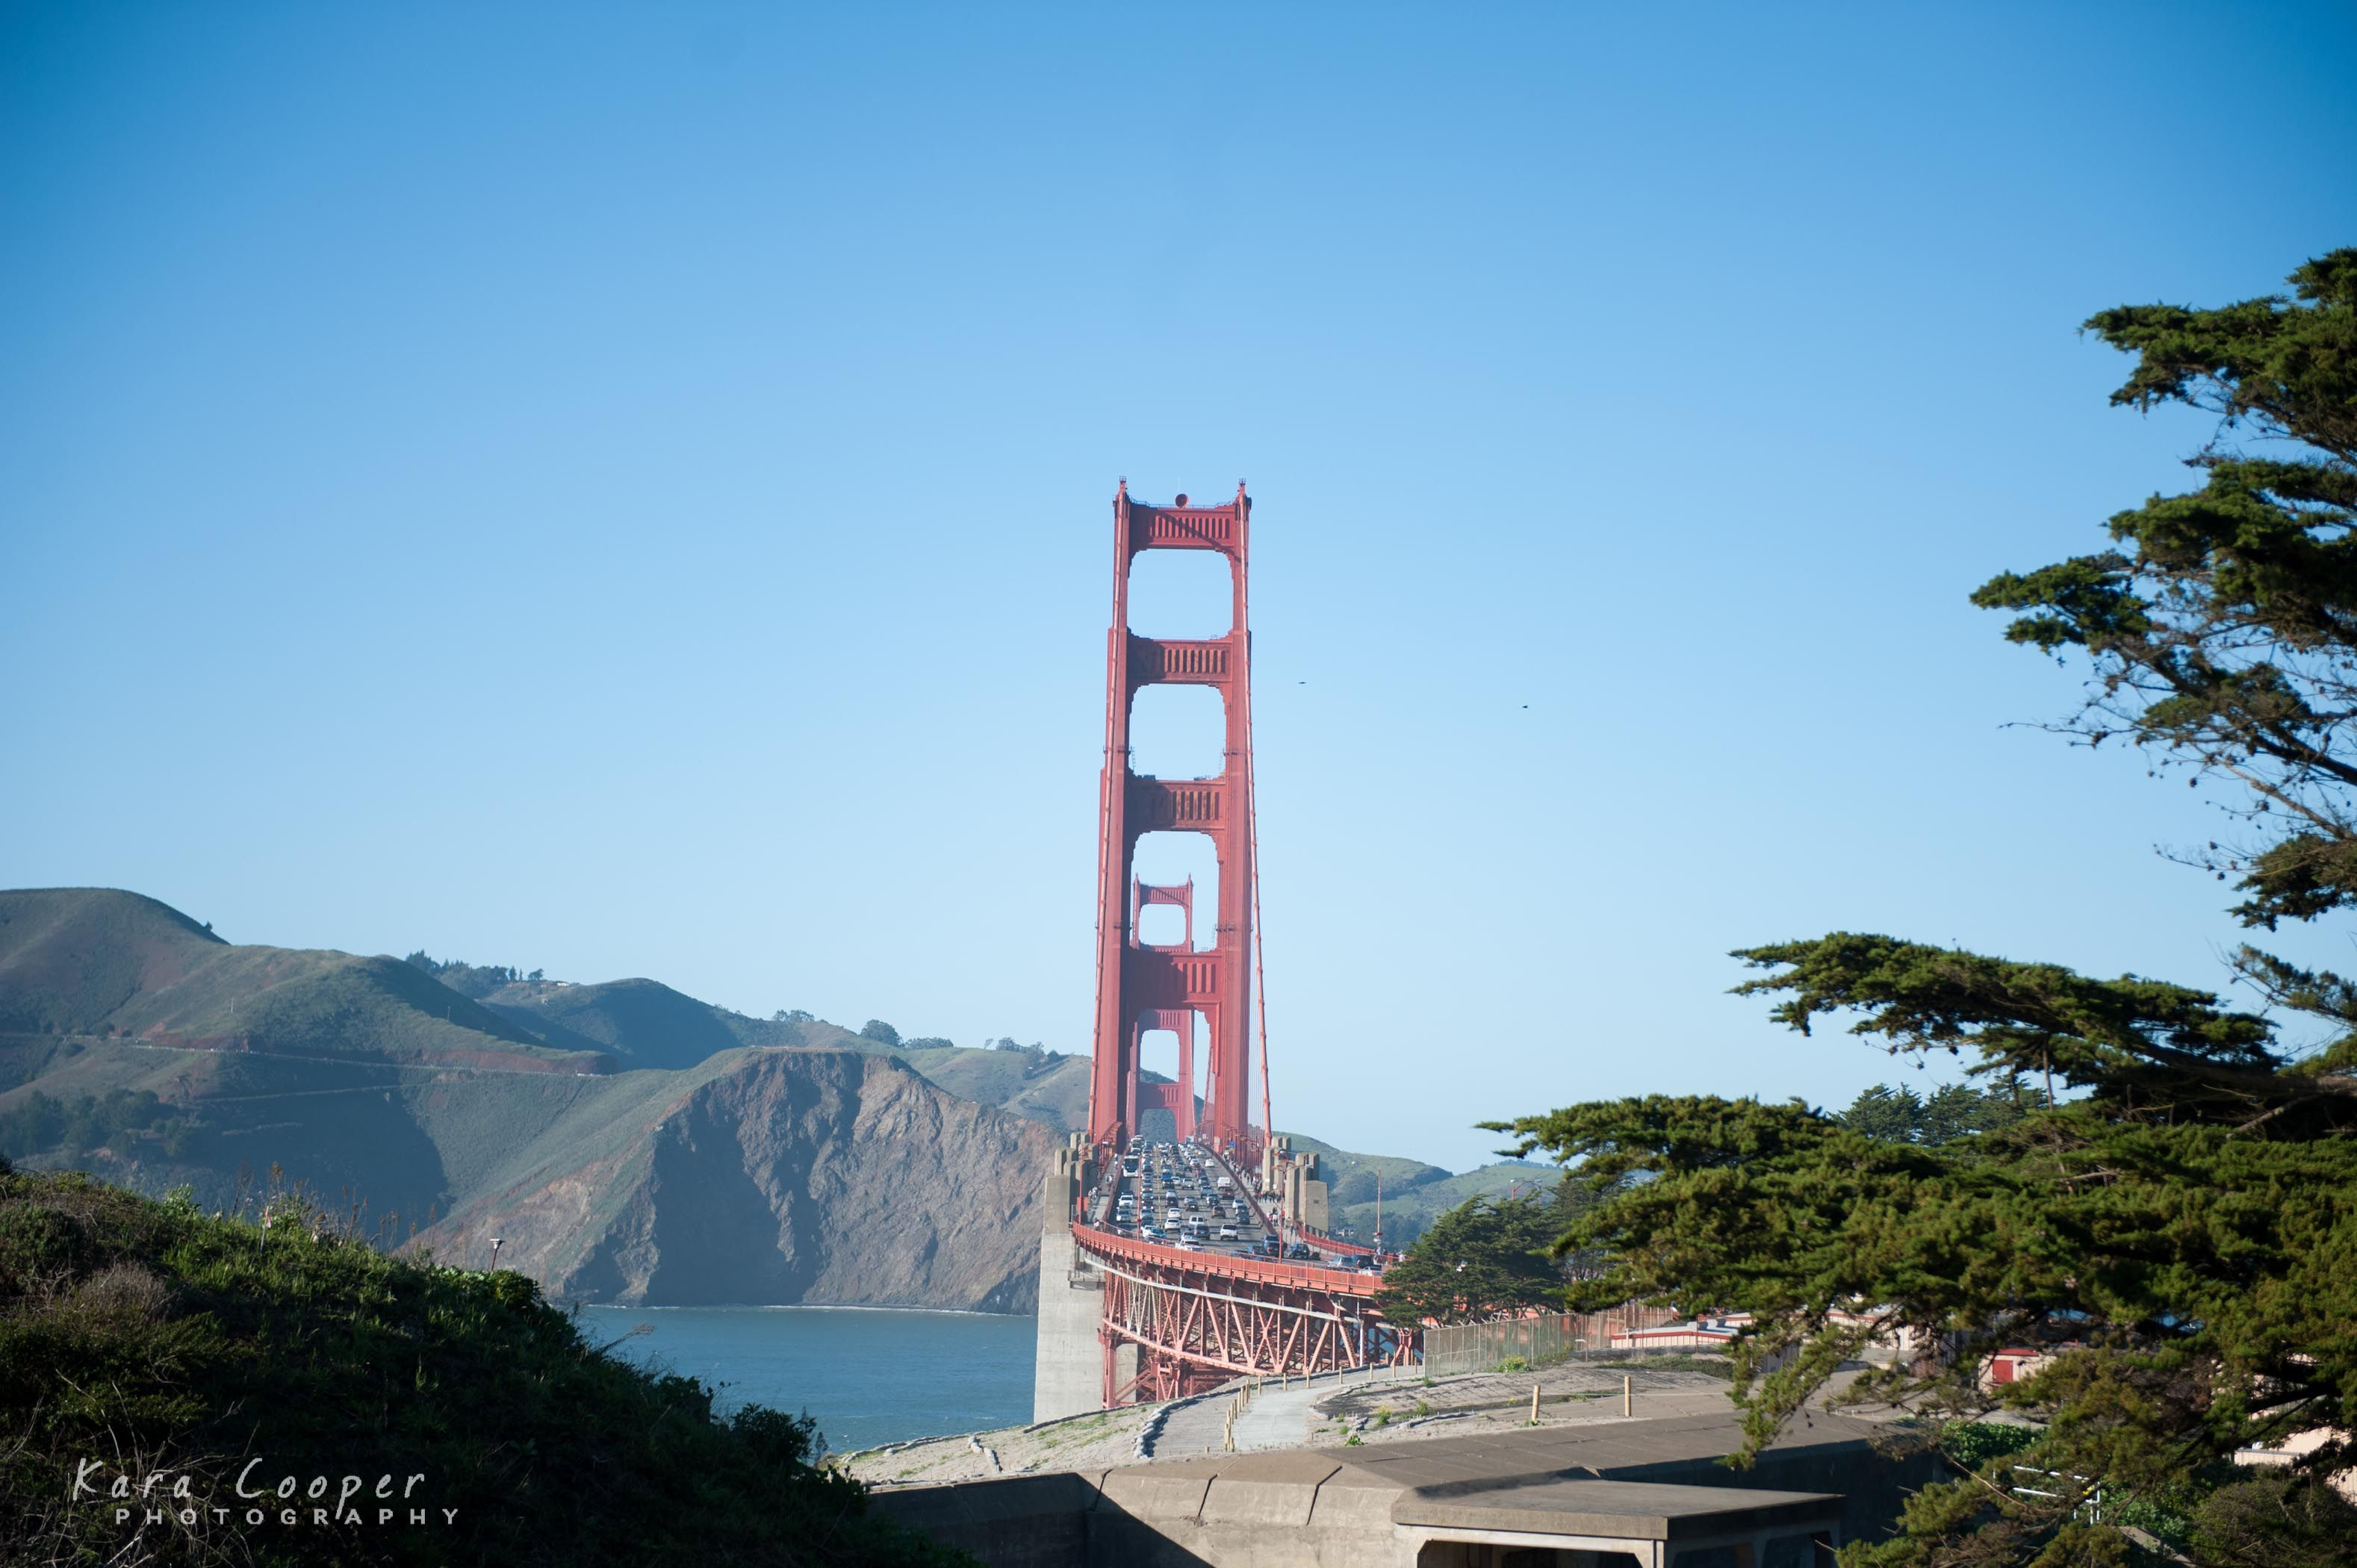 #Sanfrancisco #california #bridge #golden #gate #karacooper #marin  Kara Cooper Photography